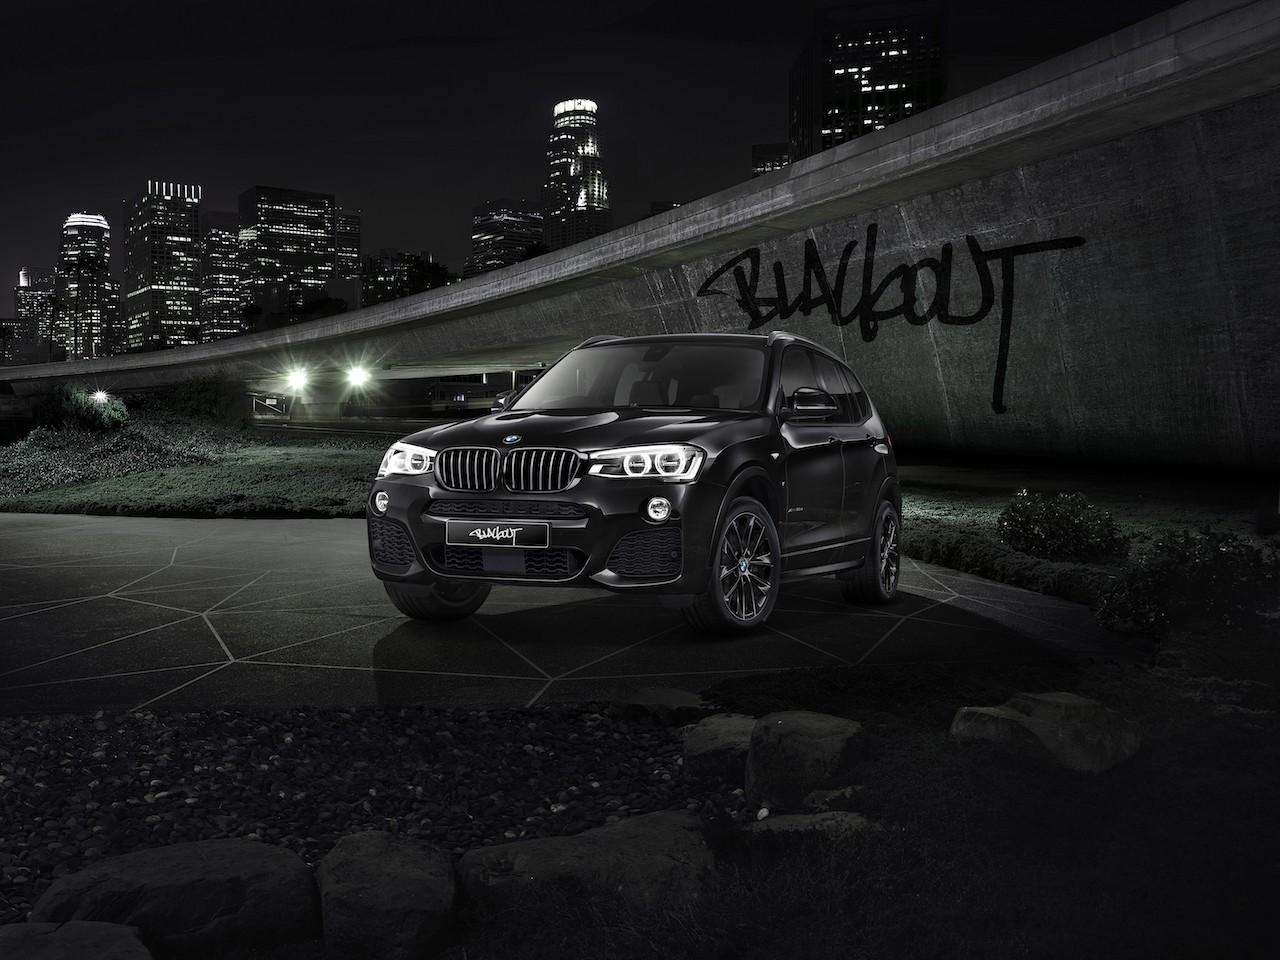 100周年記念特別限定車の第9弾『BMW X3 セレブレーション・ブラックアウト』が200台限定で登場